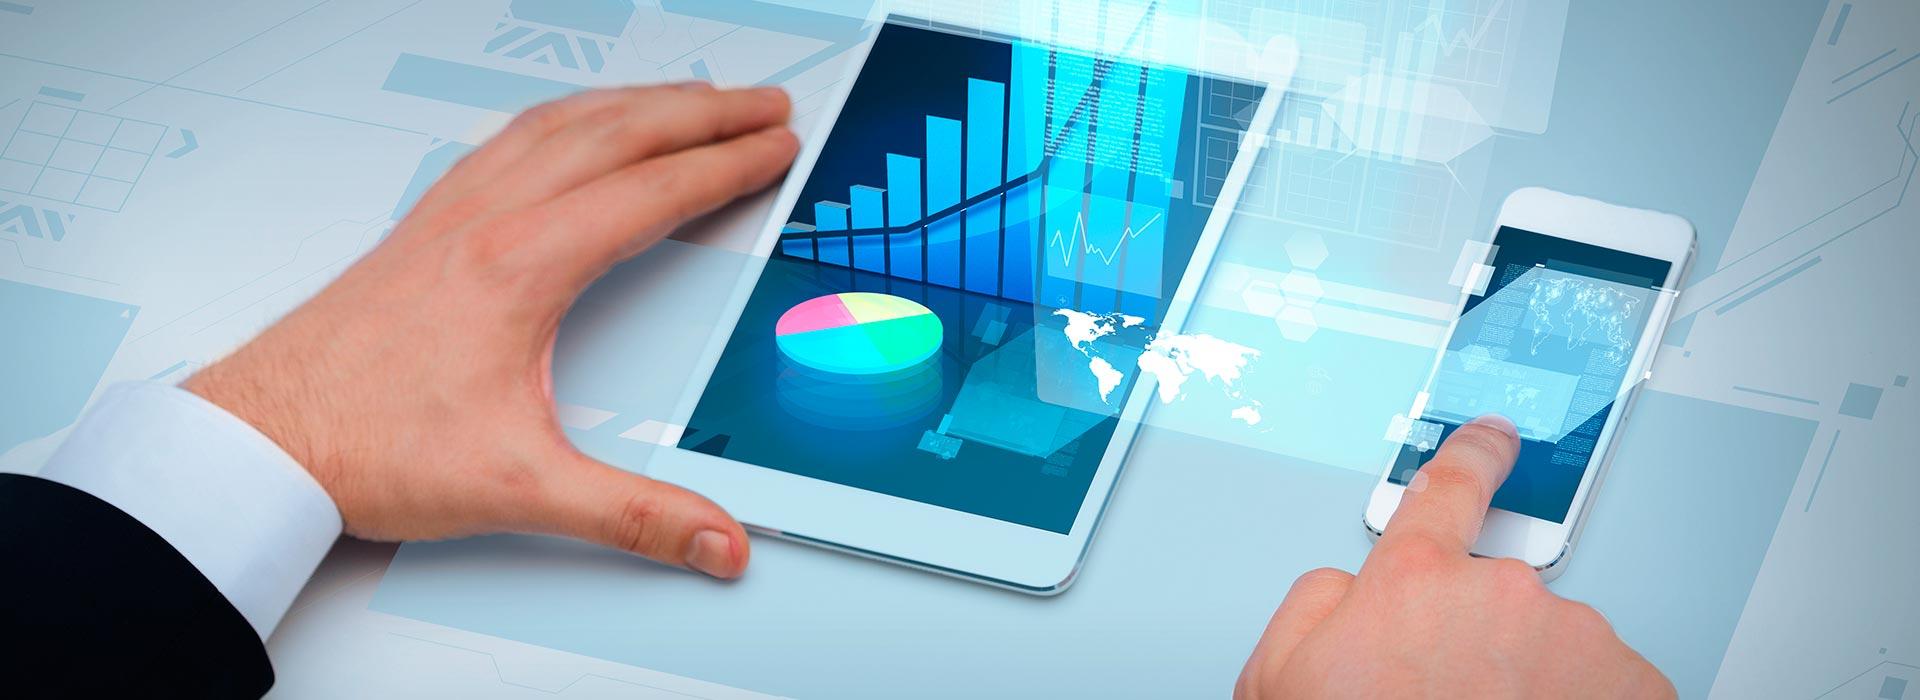 Artículos y noticias de actualidad sobre Apps, aplicaciones de dispositivos de movilidad como móviles y tablets con soluciones de empresa para tu negocio